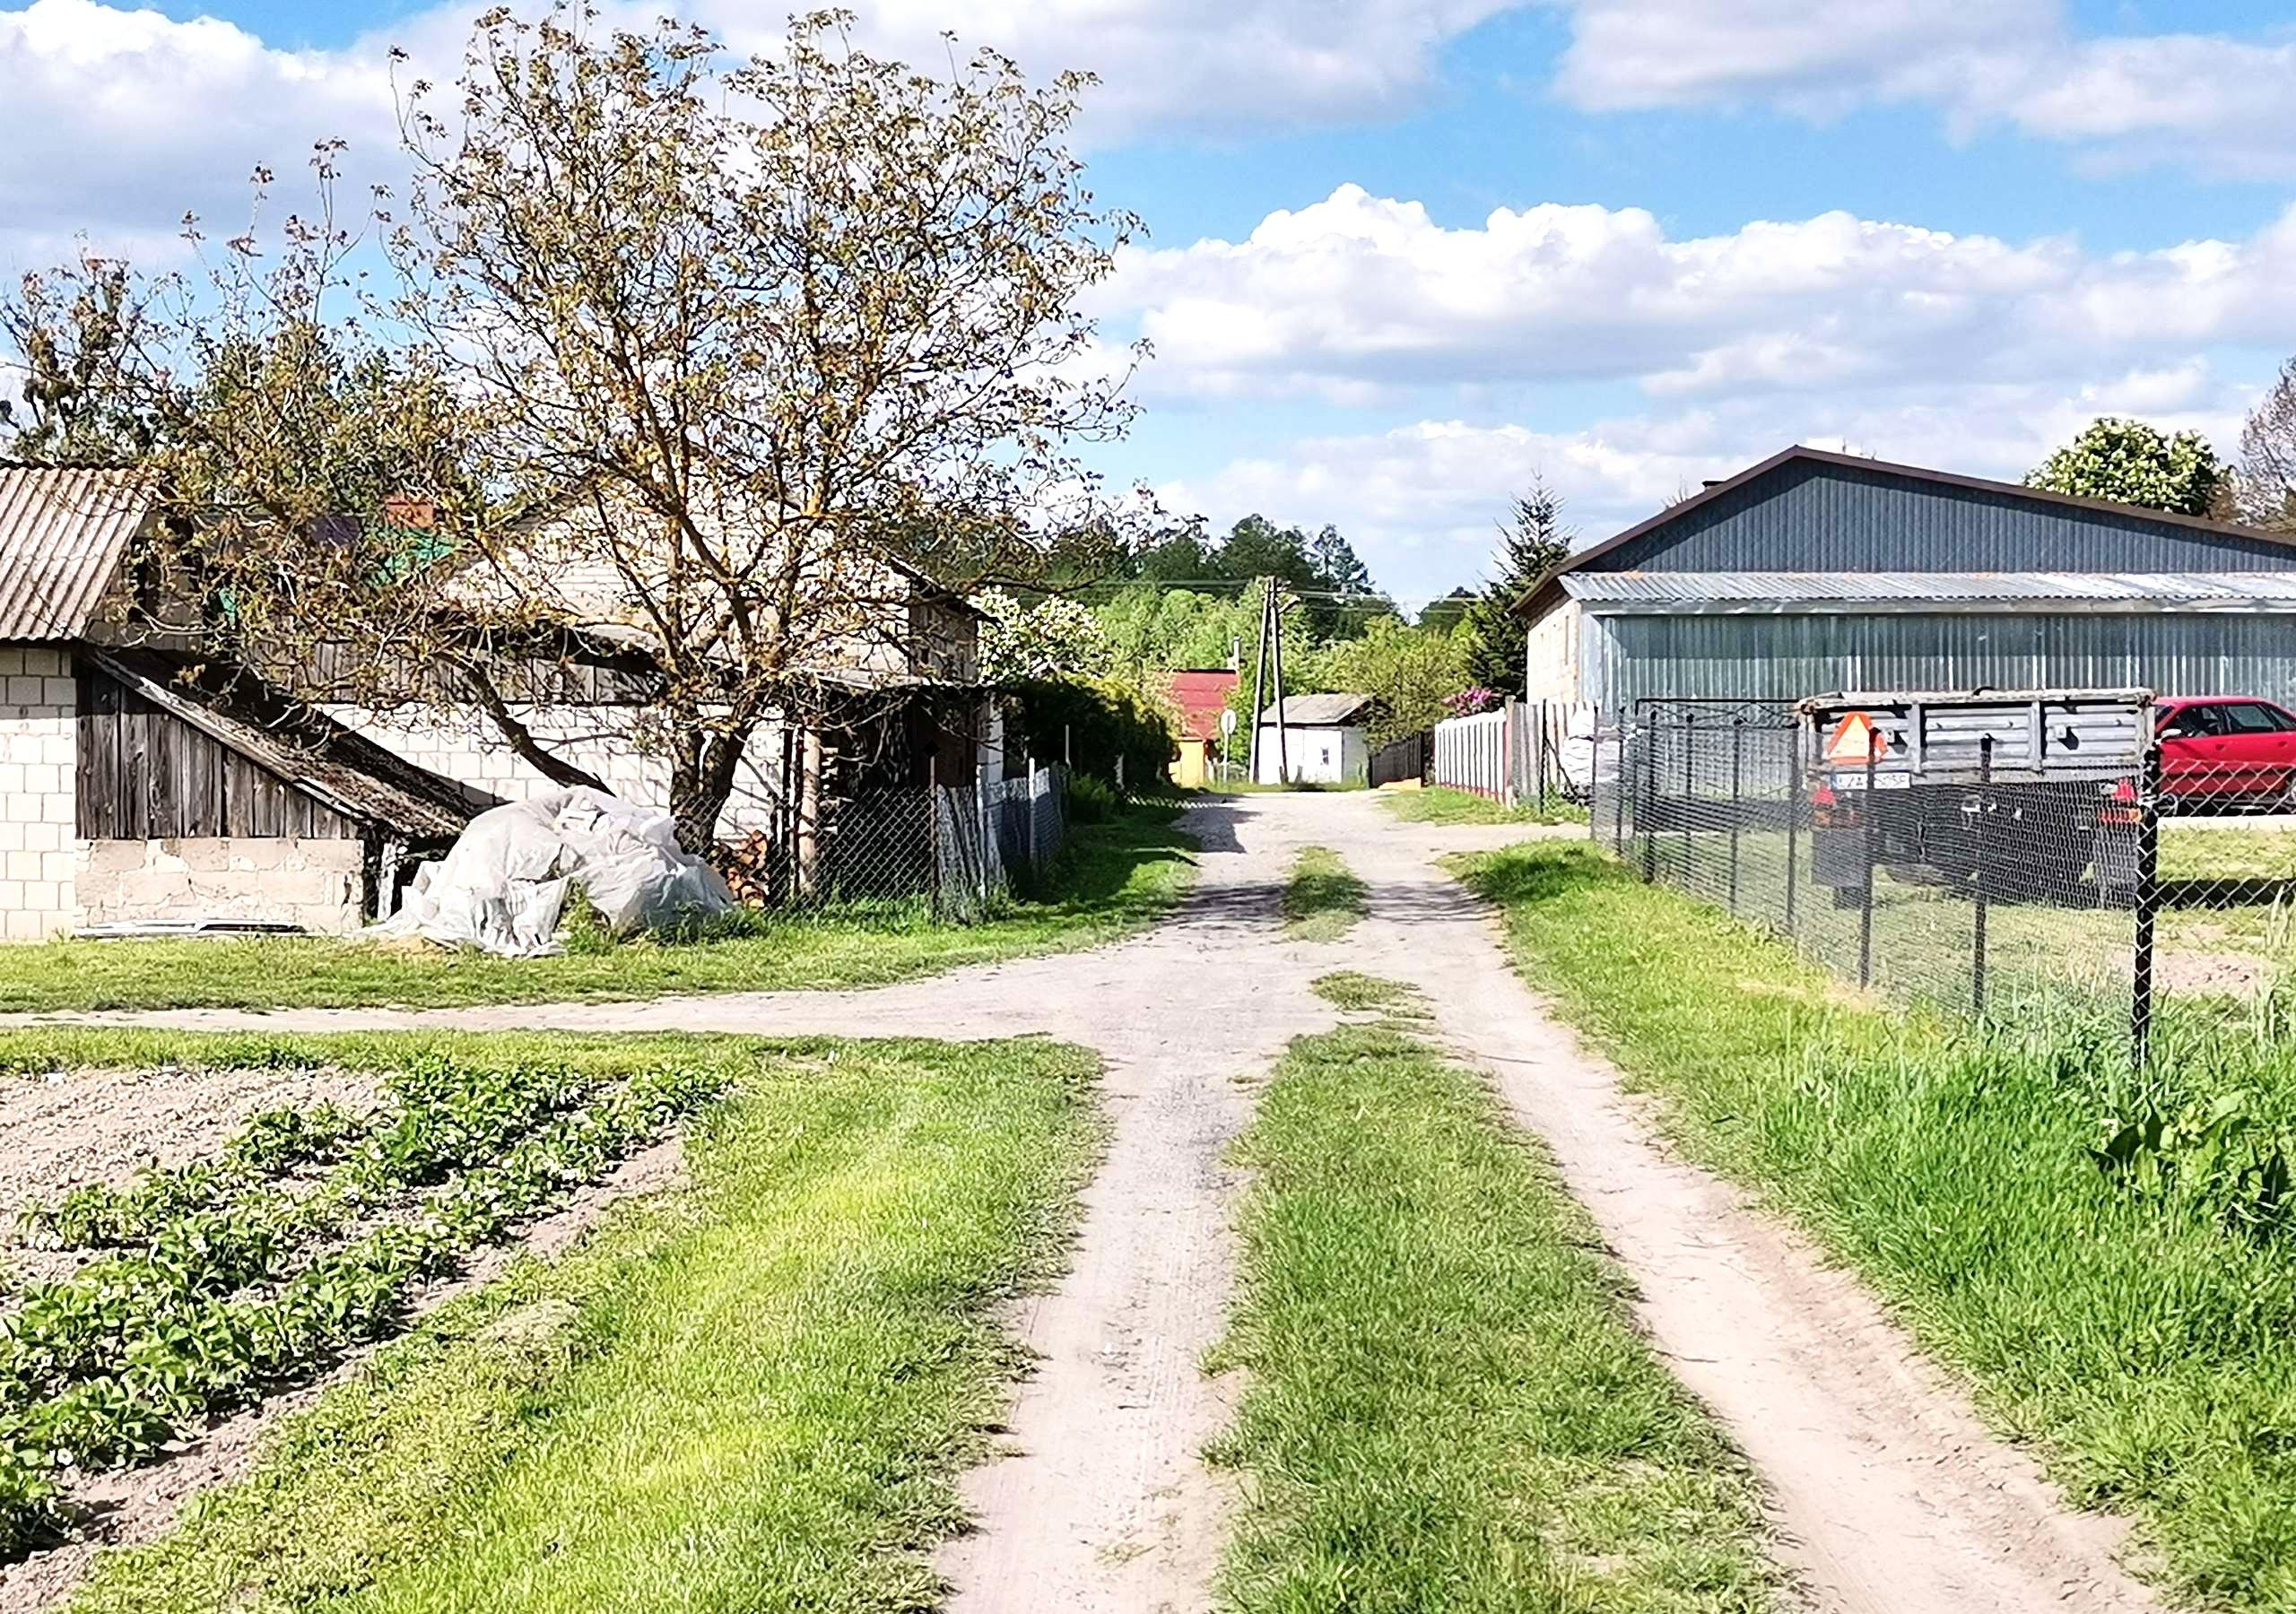 dzialka budowlana nielisz - działka na sprzedaż - Krzysztof Górski Nieruchomości Zamość